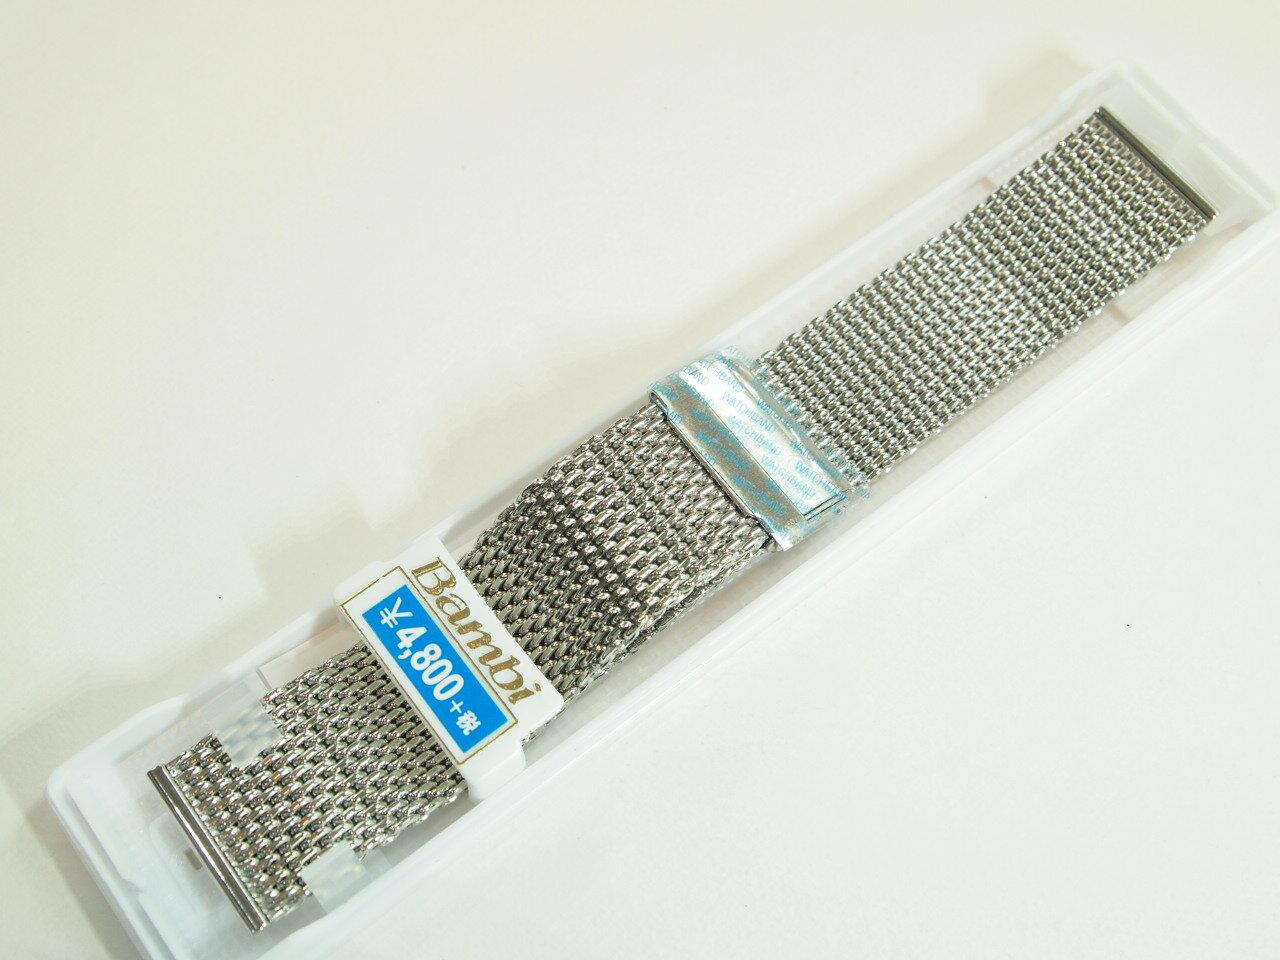 腕時計用アクセサリー, 腕時計用ベルト・バンド 3.0 22